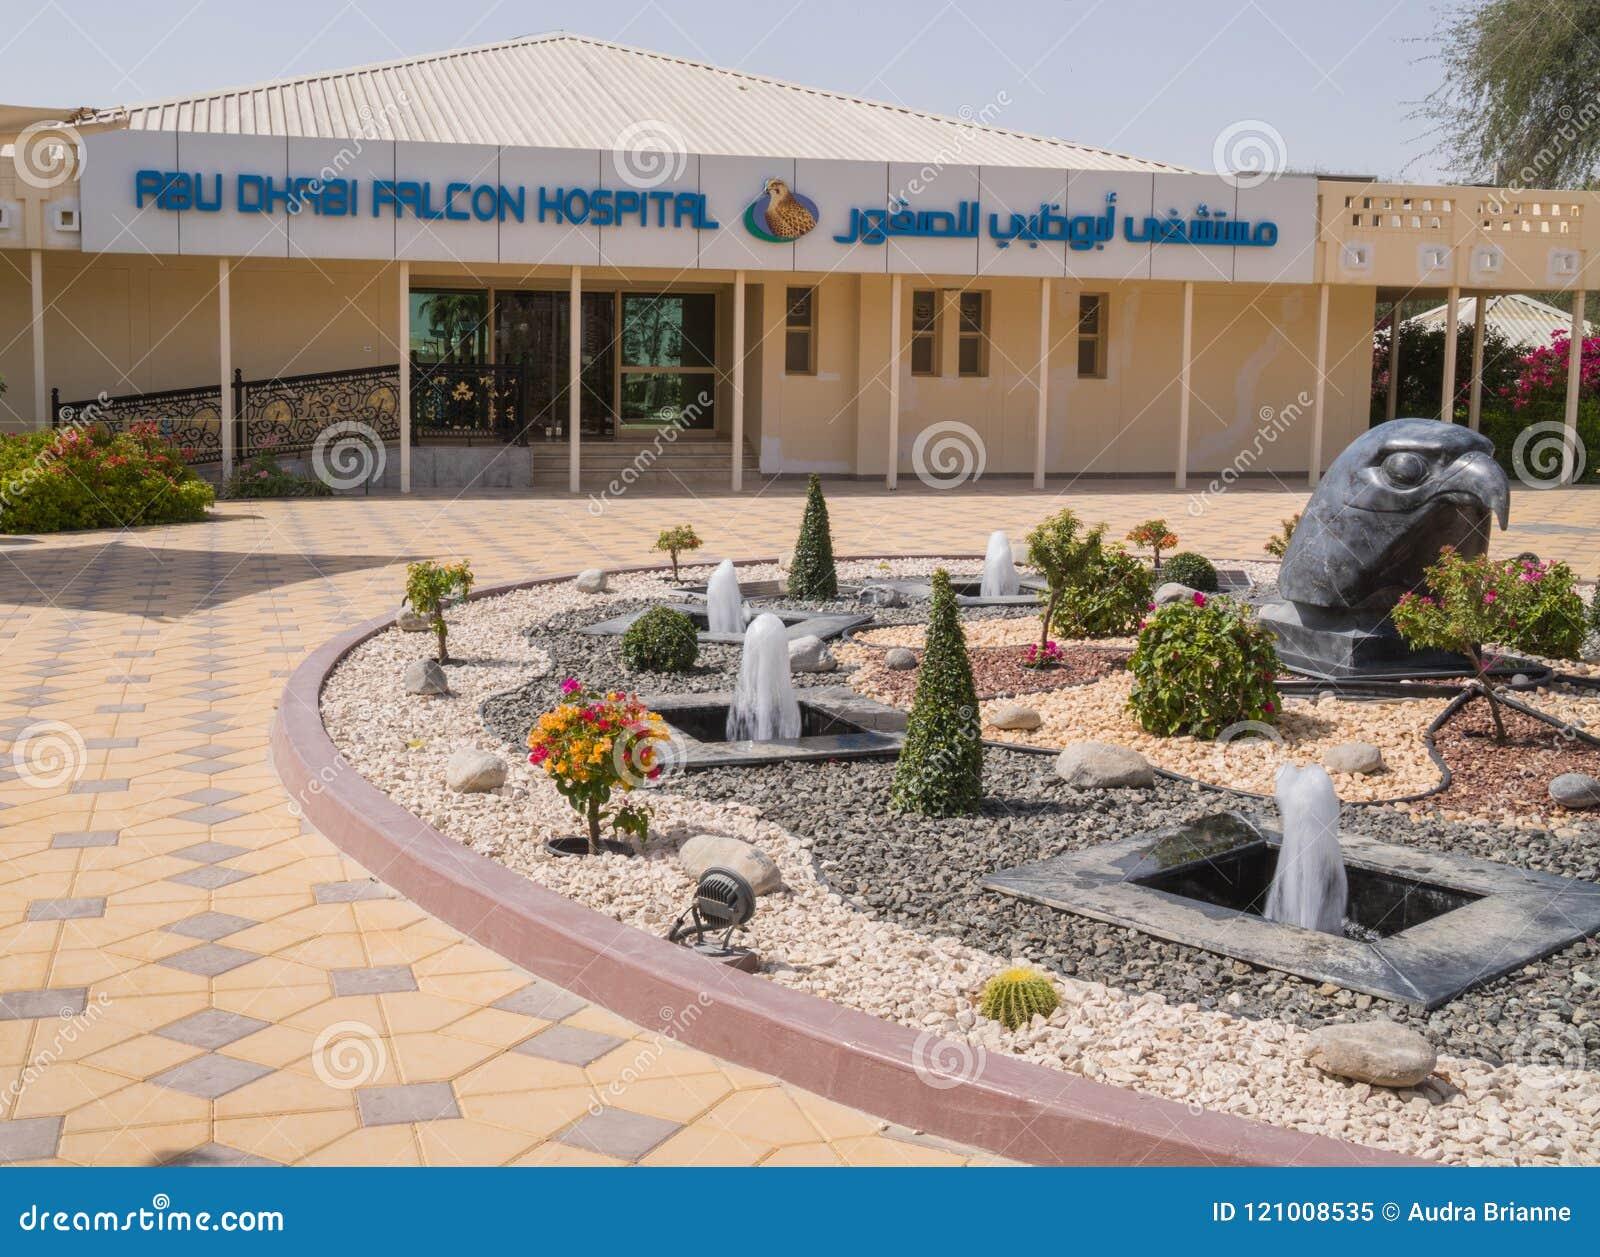 Miły Abu Dhabi jastrząbka szpital, UAE